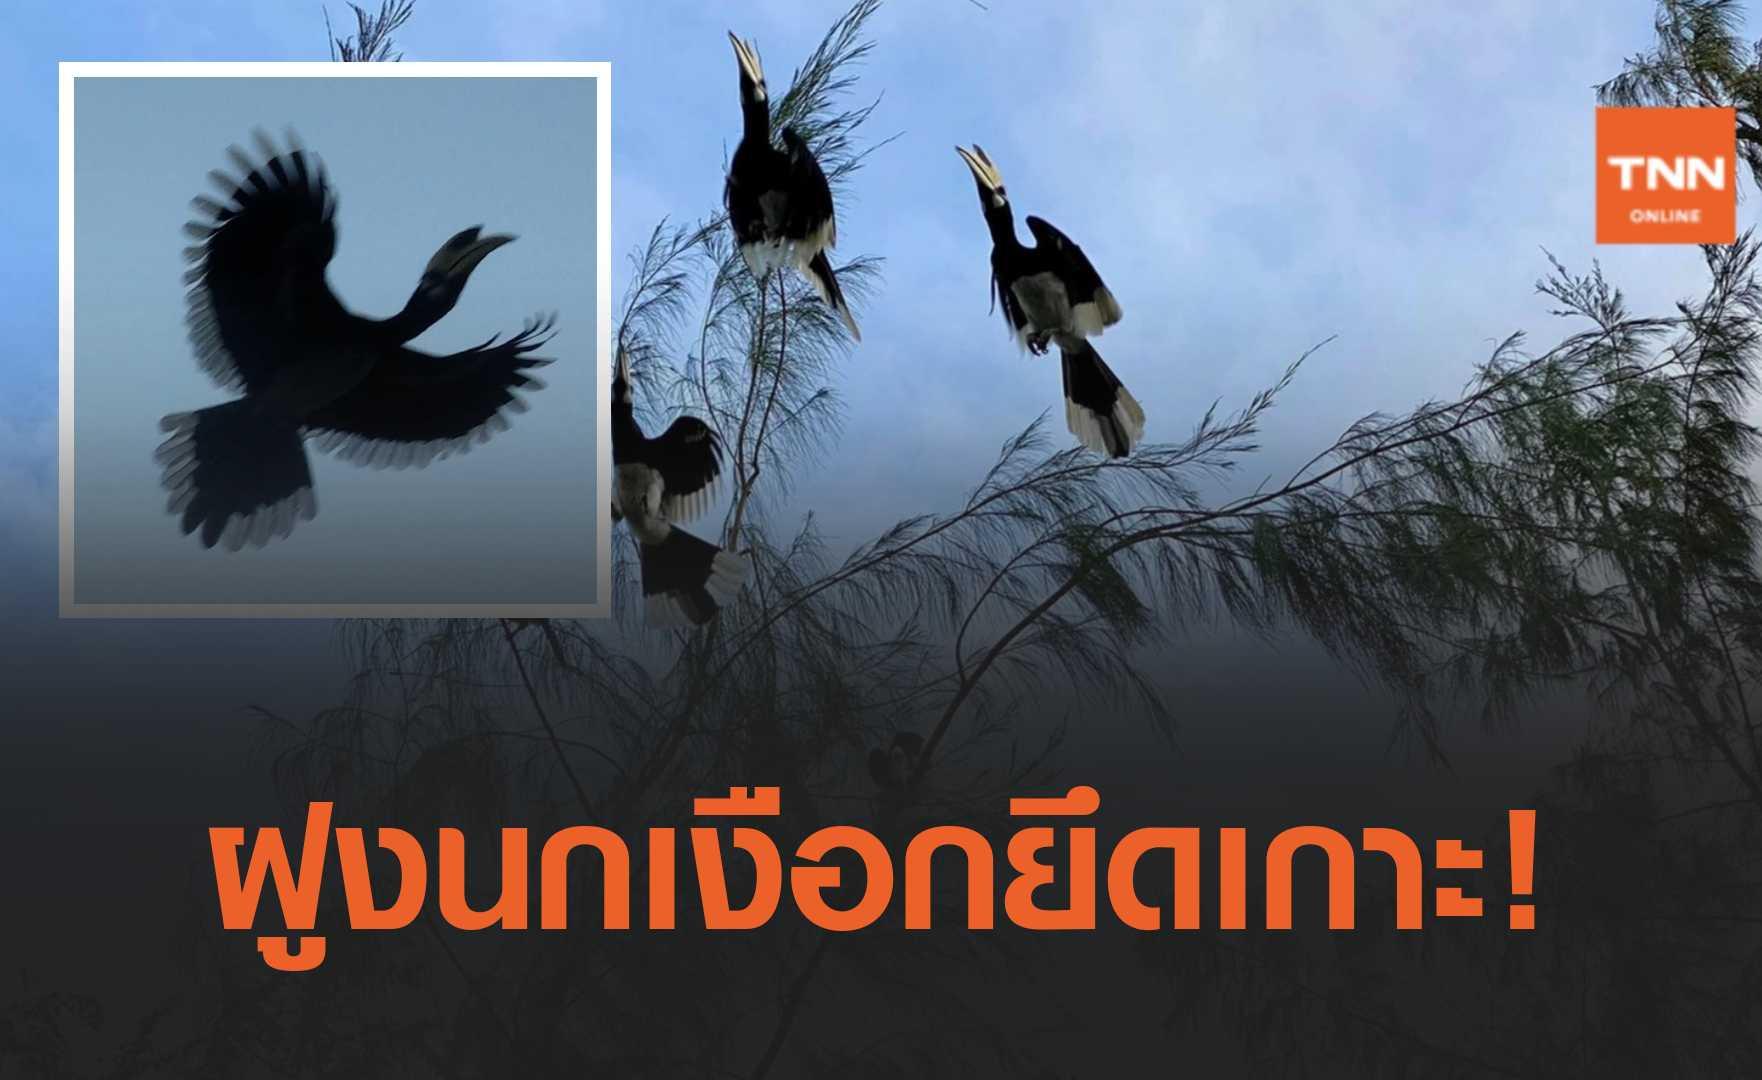 เกาะสมุยธรรมชาติฟื้นฟู นกเงือกหลายร้อยตัว ลงหากินใกล้ชิดชาวบ้าน